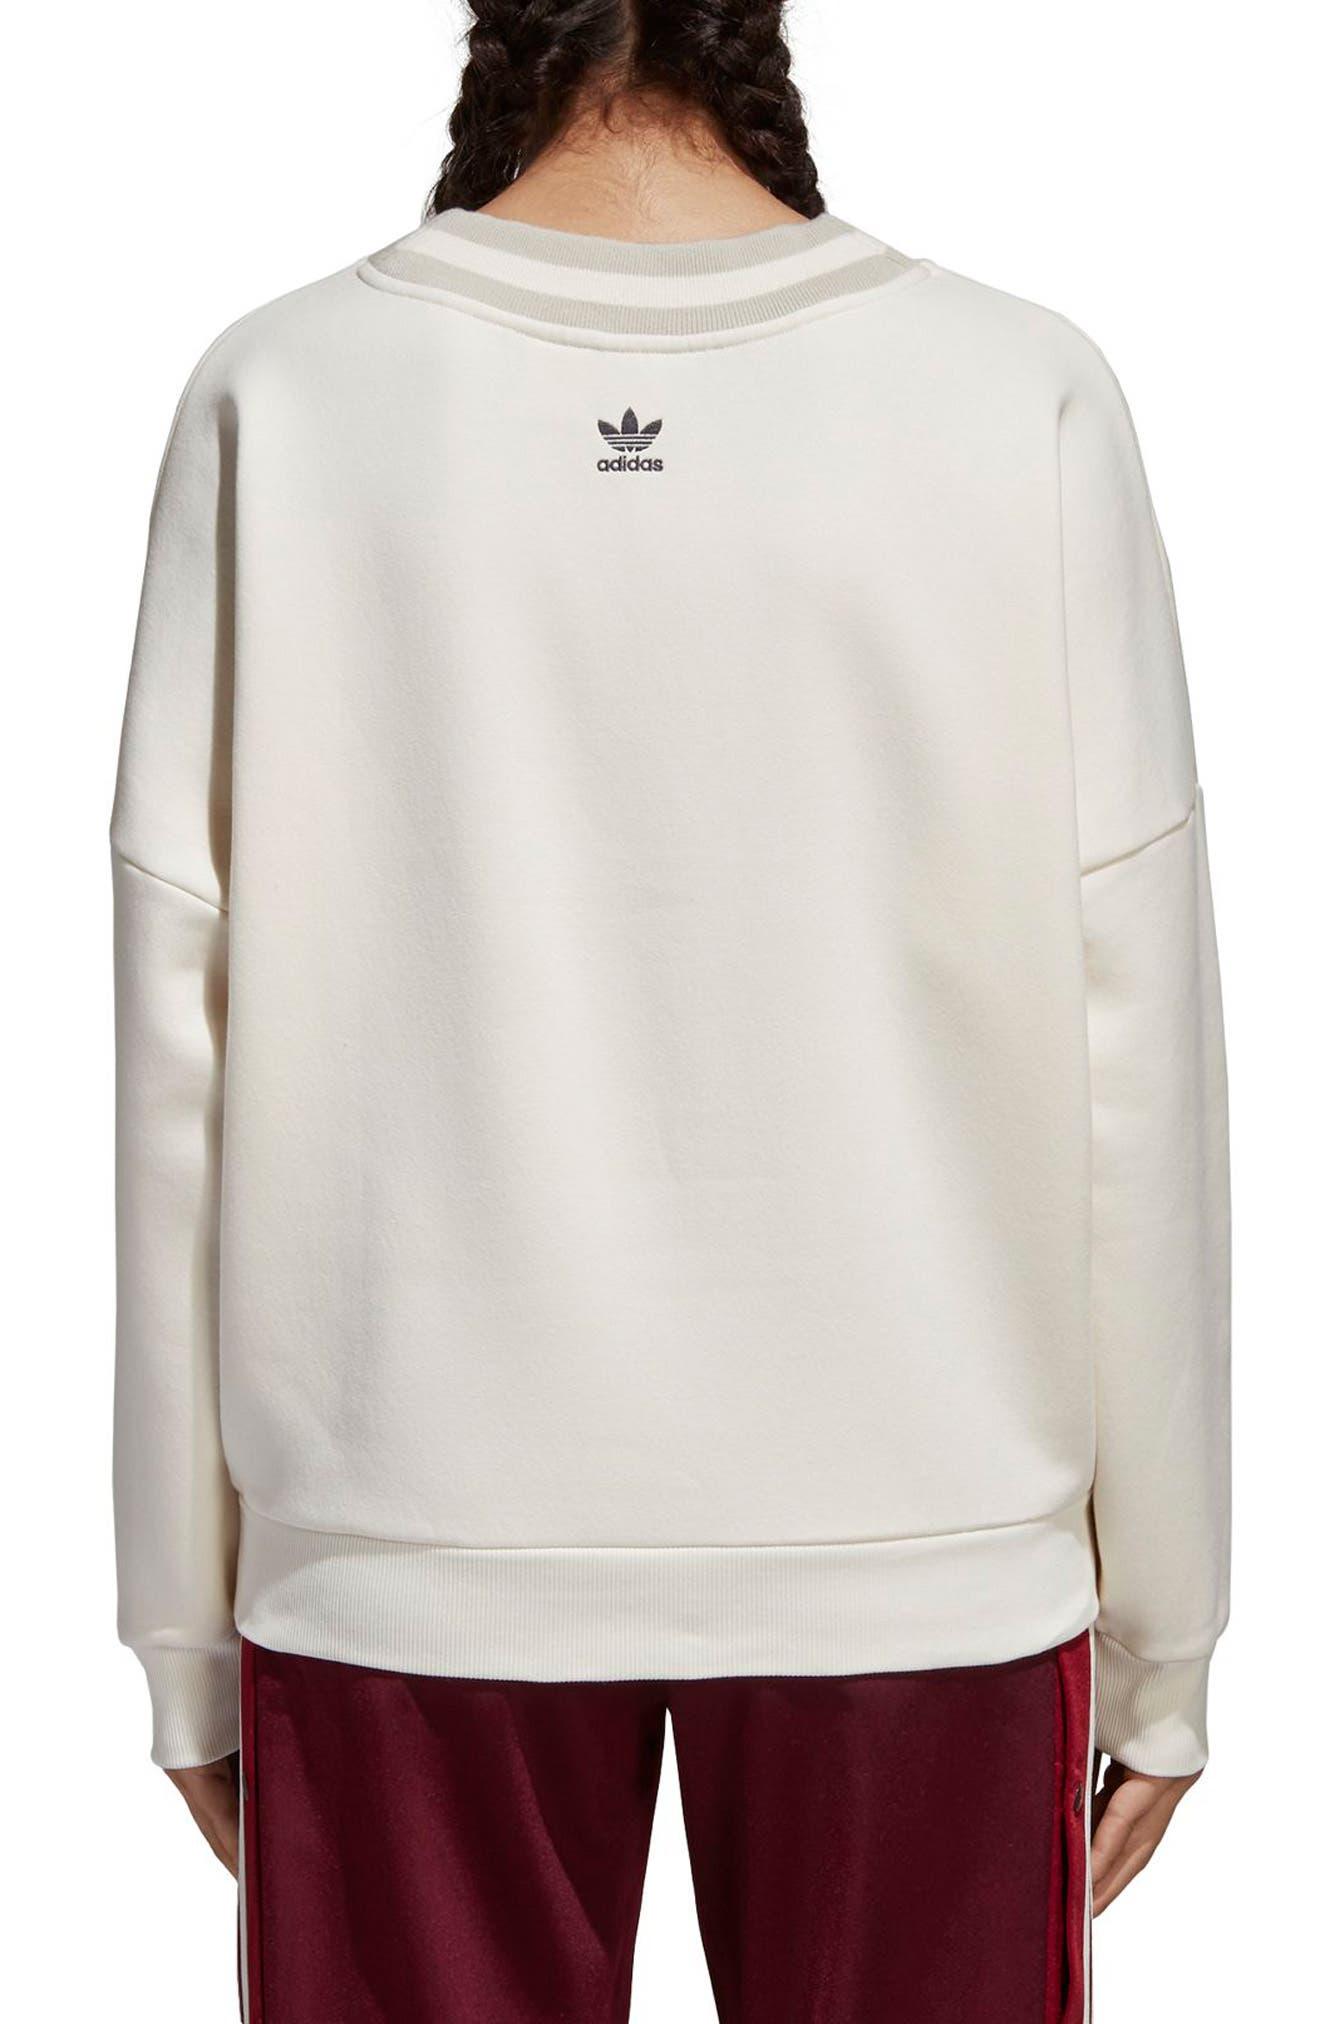 Originals Adibreak Sweatshirt,                             Alternate thumbnail 2, color,                             Chalk White/ Chalk White